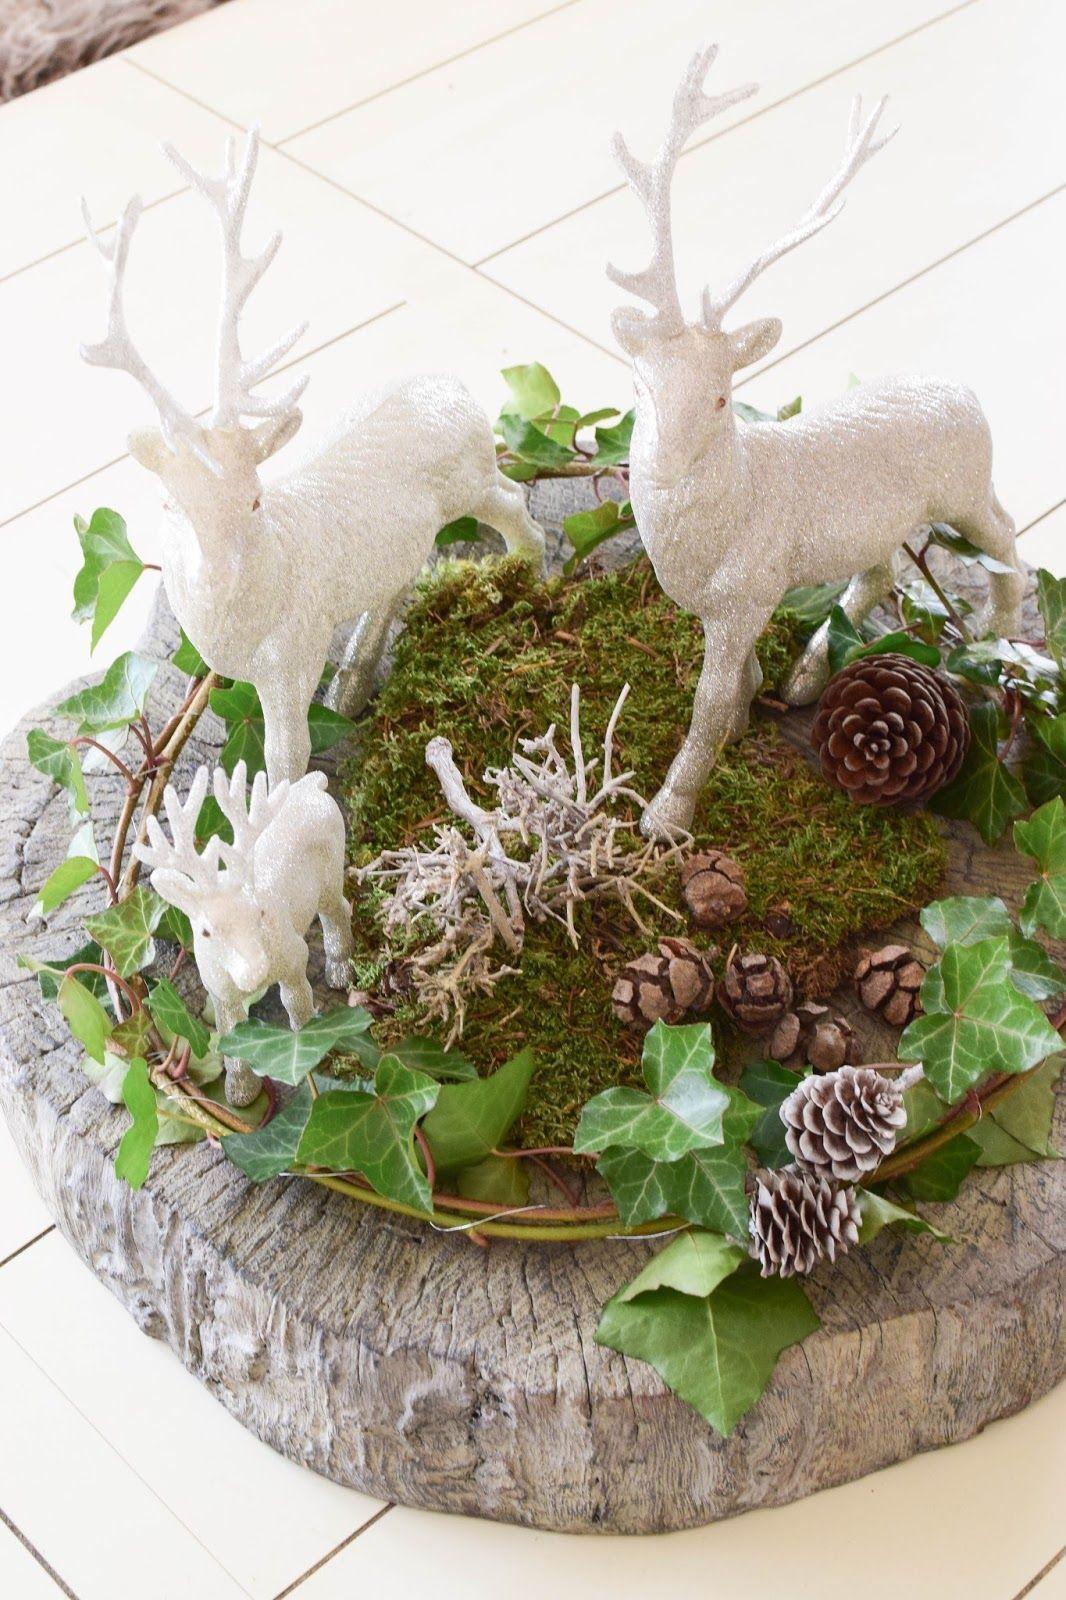 #tischarrangement #vertrumtes #dekoration #tischdeko #dekoidee #winnter #konsole #winter #herbst #hirsch #schale #tisch #natur #moos #dekoVerträumtes Tisch-Arrangement mit Efeu, Moos und ganz viel Winter Tischdeko, Dekoidee für den Tisch und Konsole mit Natur, Hirsch, Efeu. Moos. Schale, Dekoidee, Winnter Herbst, Deko, Dekoration, DIYTischdeko, Dekoidee für den Tisch und Konsole mit Natur, Hirsch, Efeu. Moos. Schale, Dekoidee, Winnter Herbst, Deko, Dekoration, DIY #holzscheibendeko